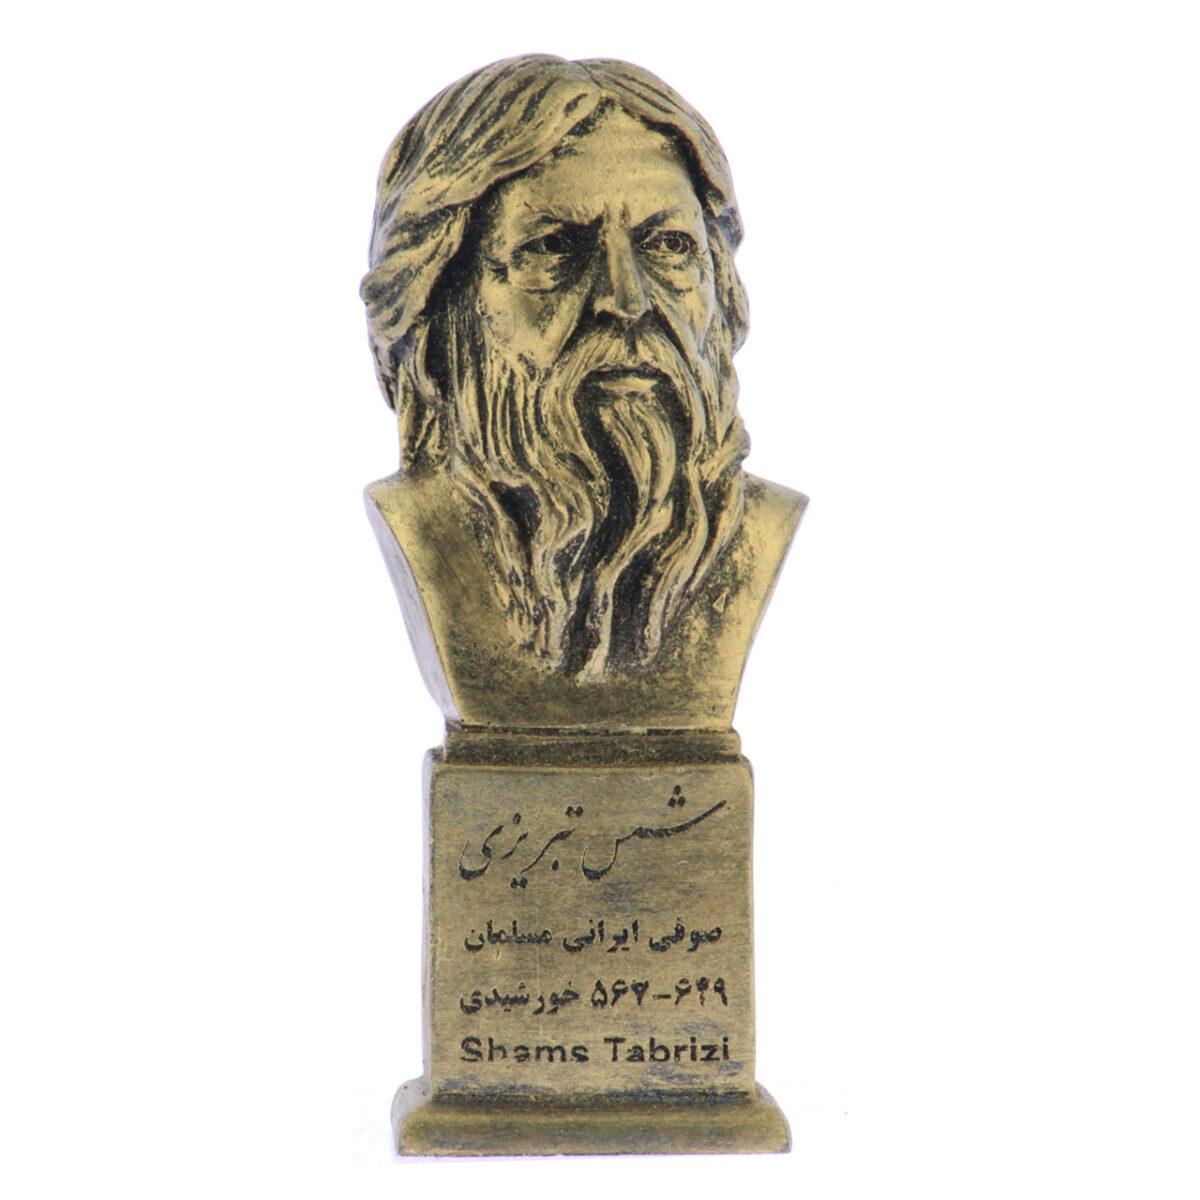 shams tabrizi b 1200x1200 - سردیس شمس تبریزی